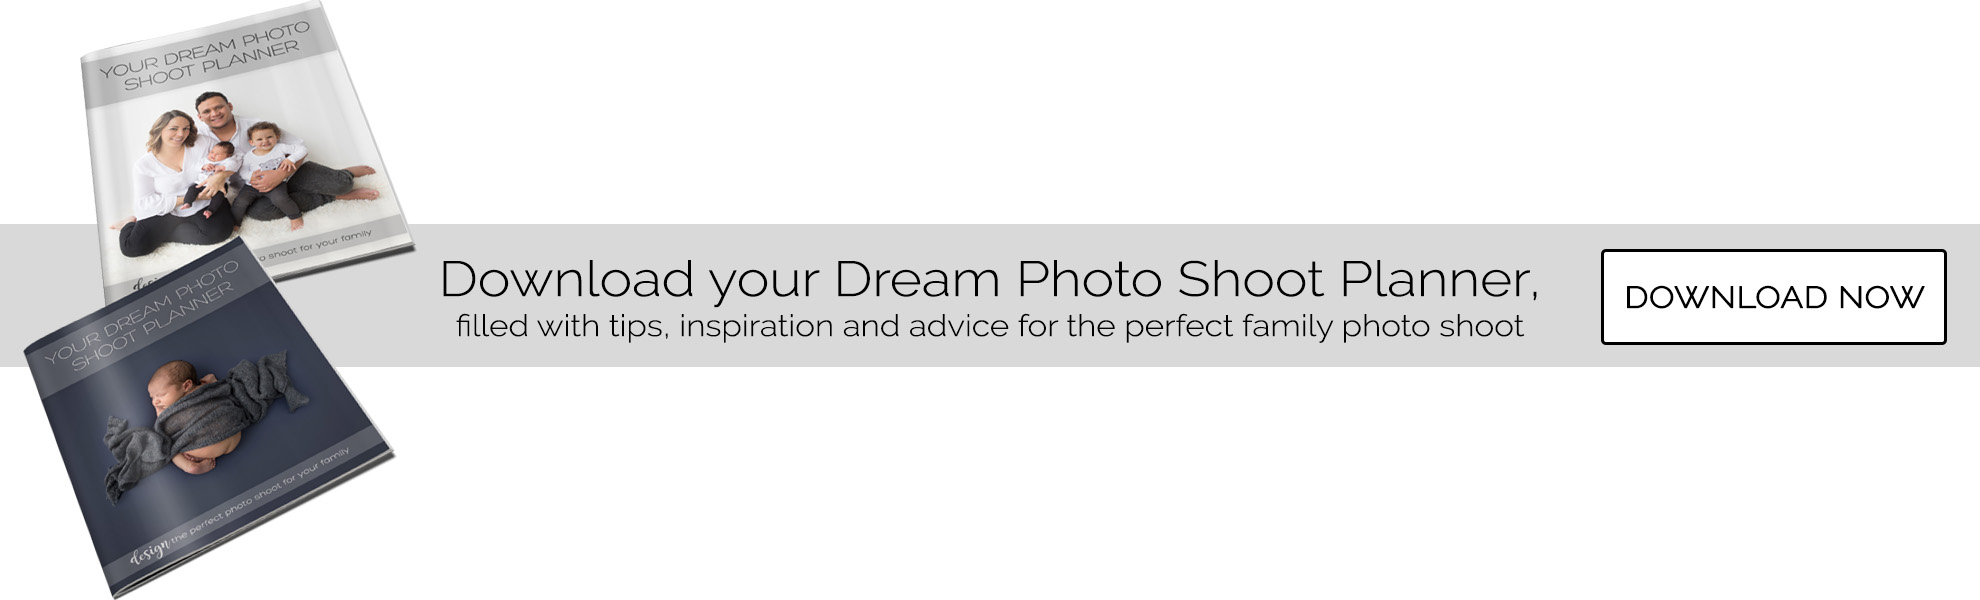 Dream-photo-shoot-planner-combo-banner.jpg